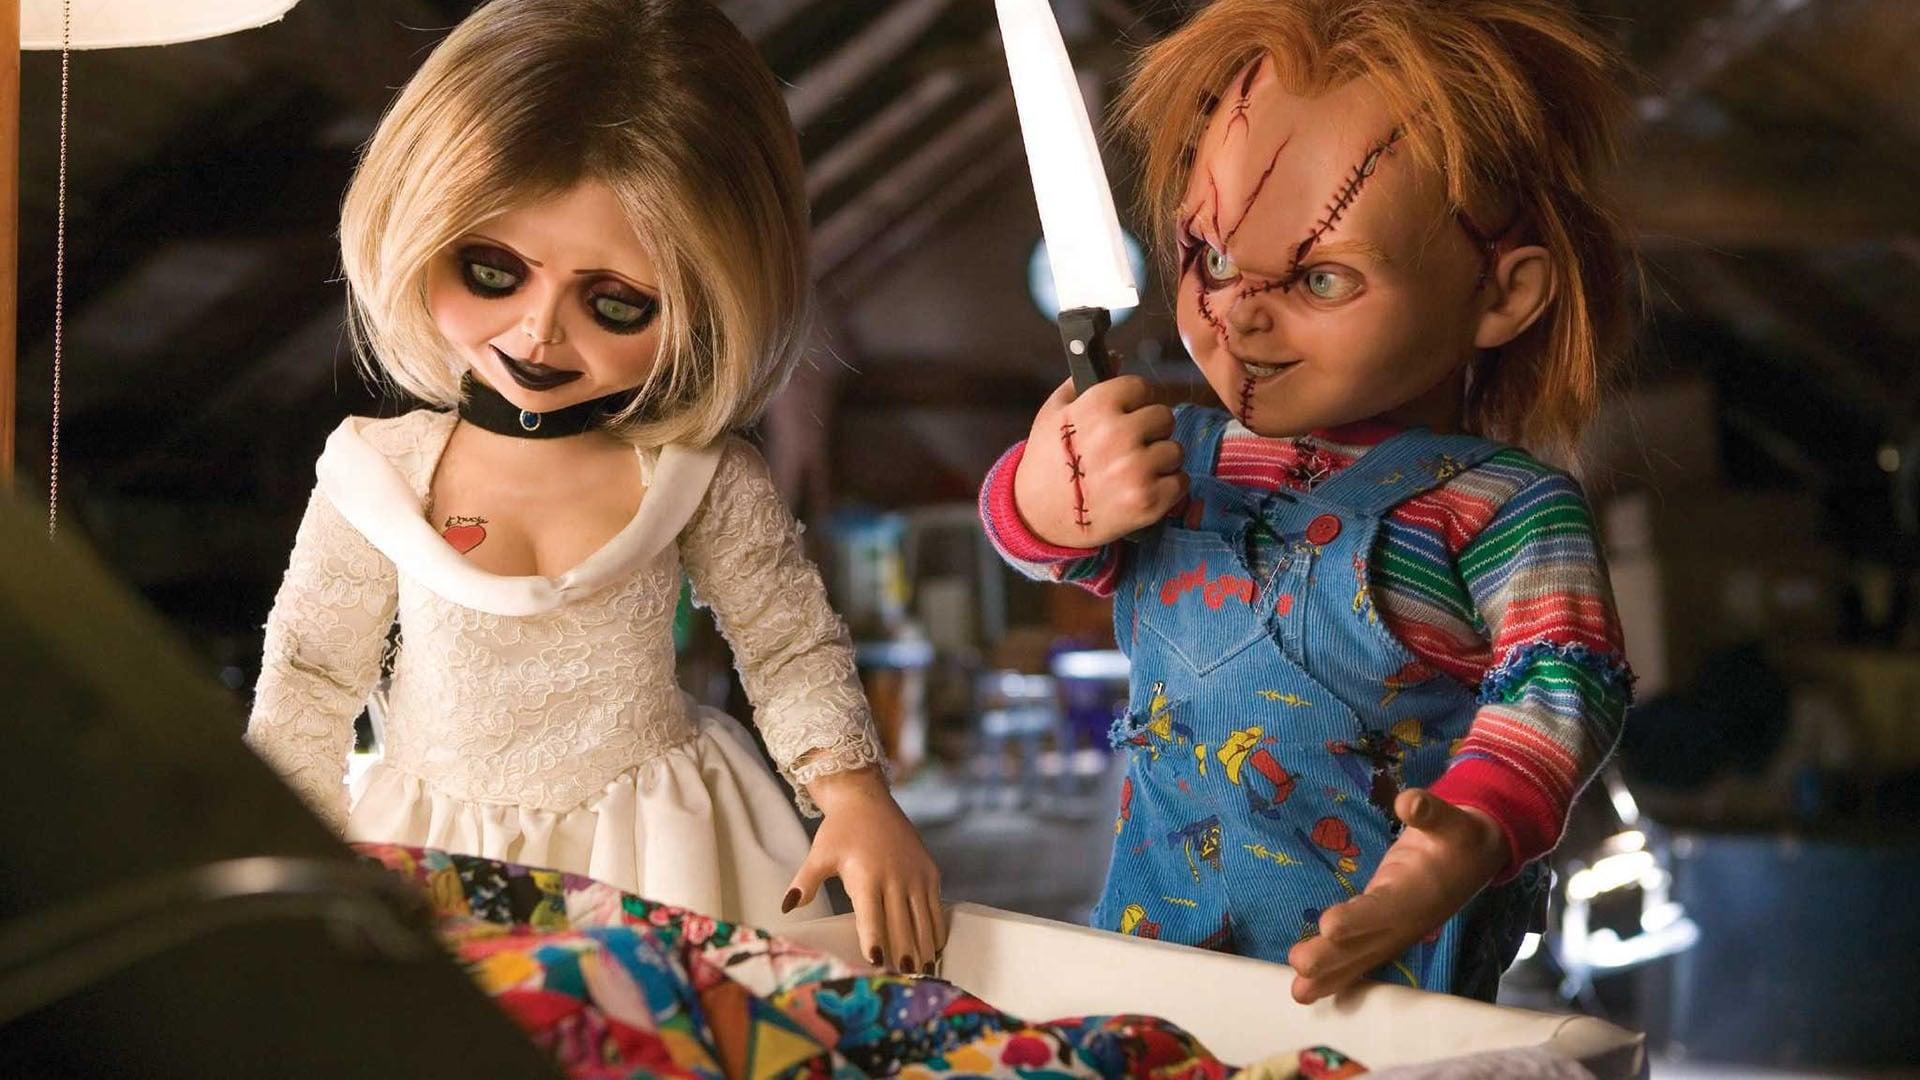 Le Fils de Chucky - DpStream